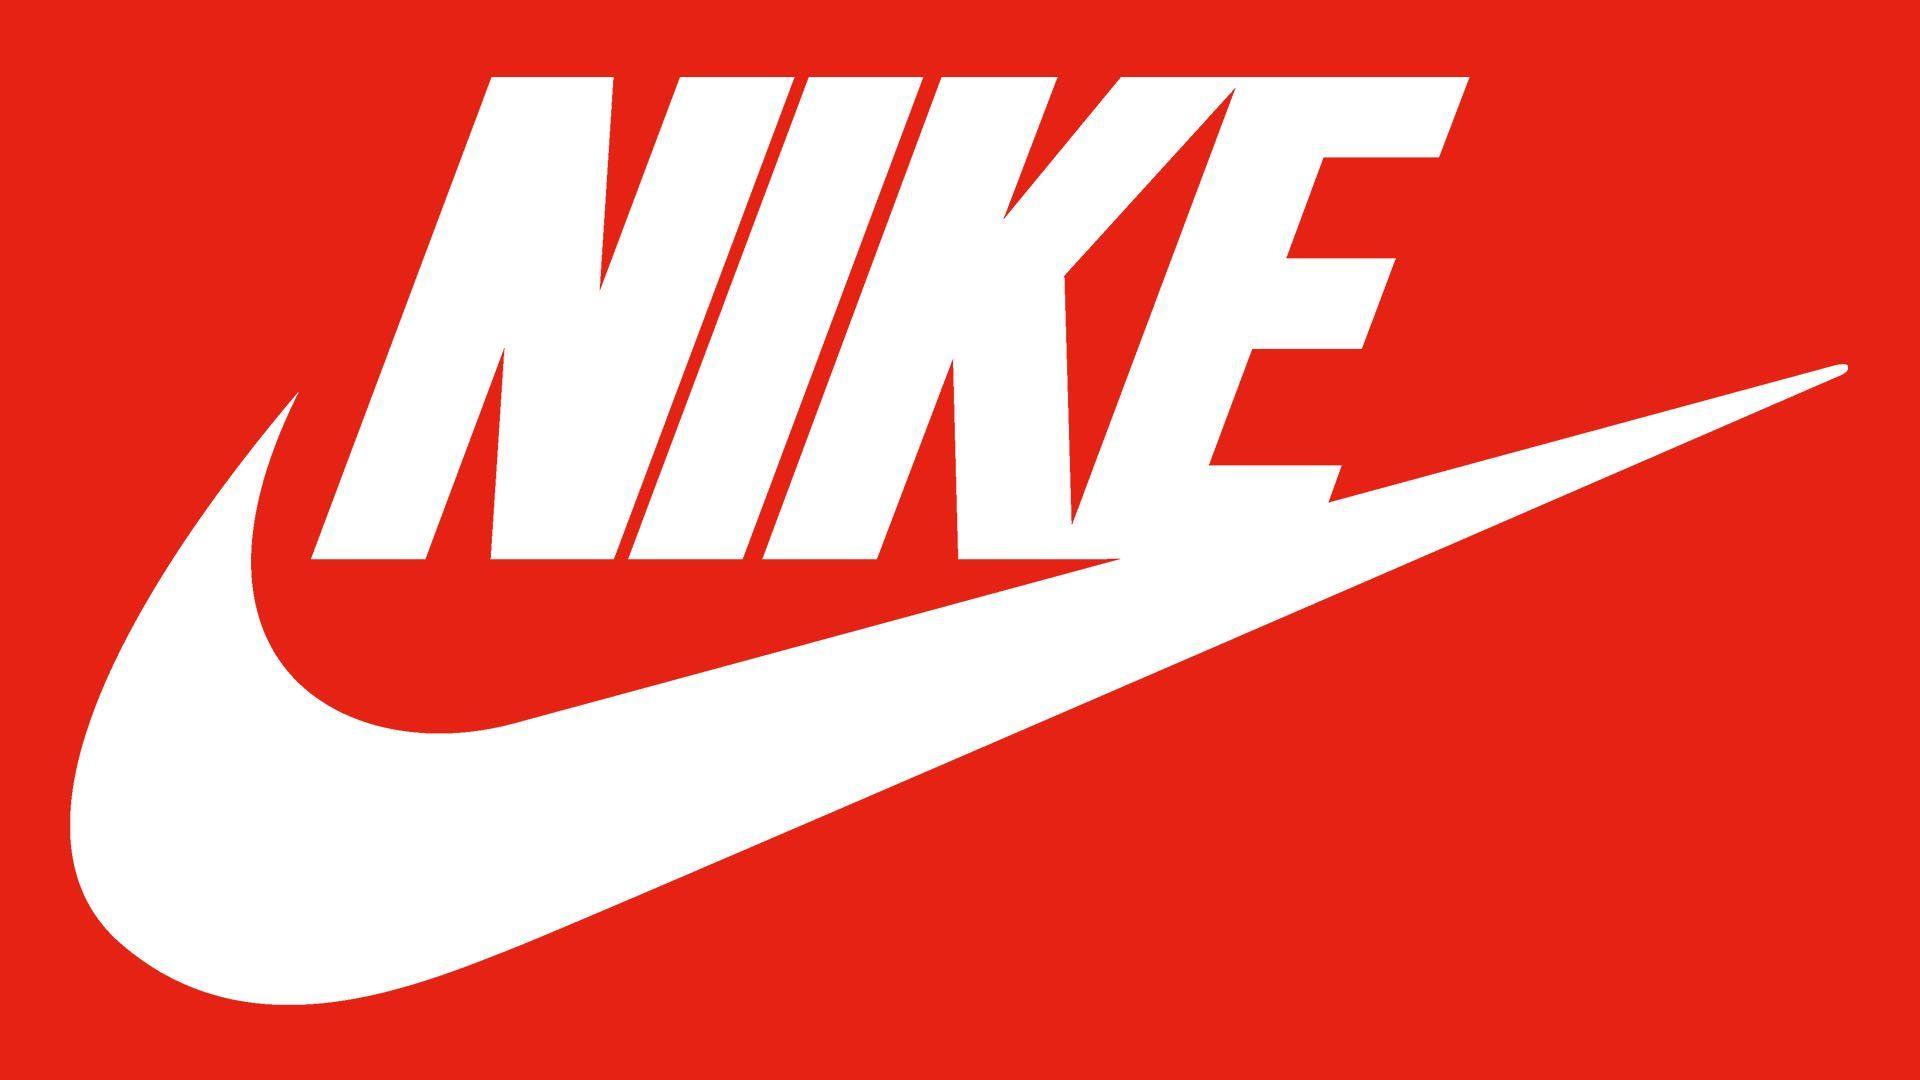 Invertir en Nike